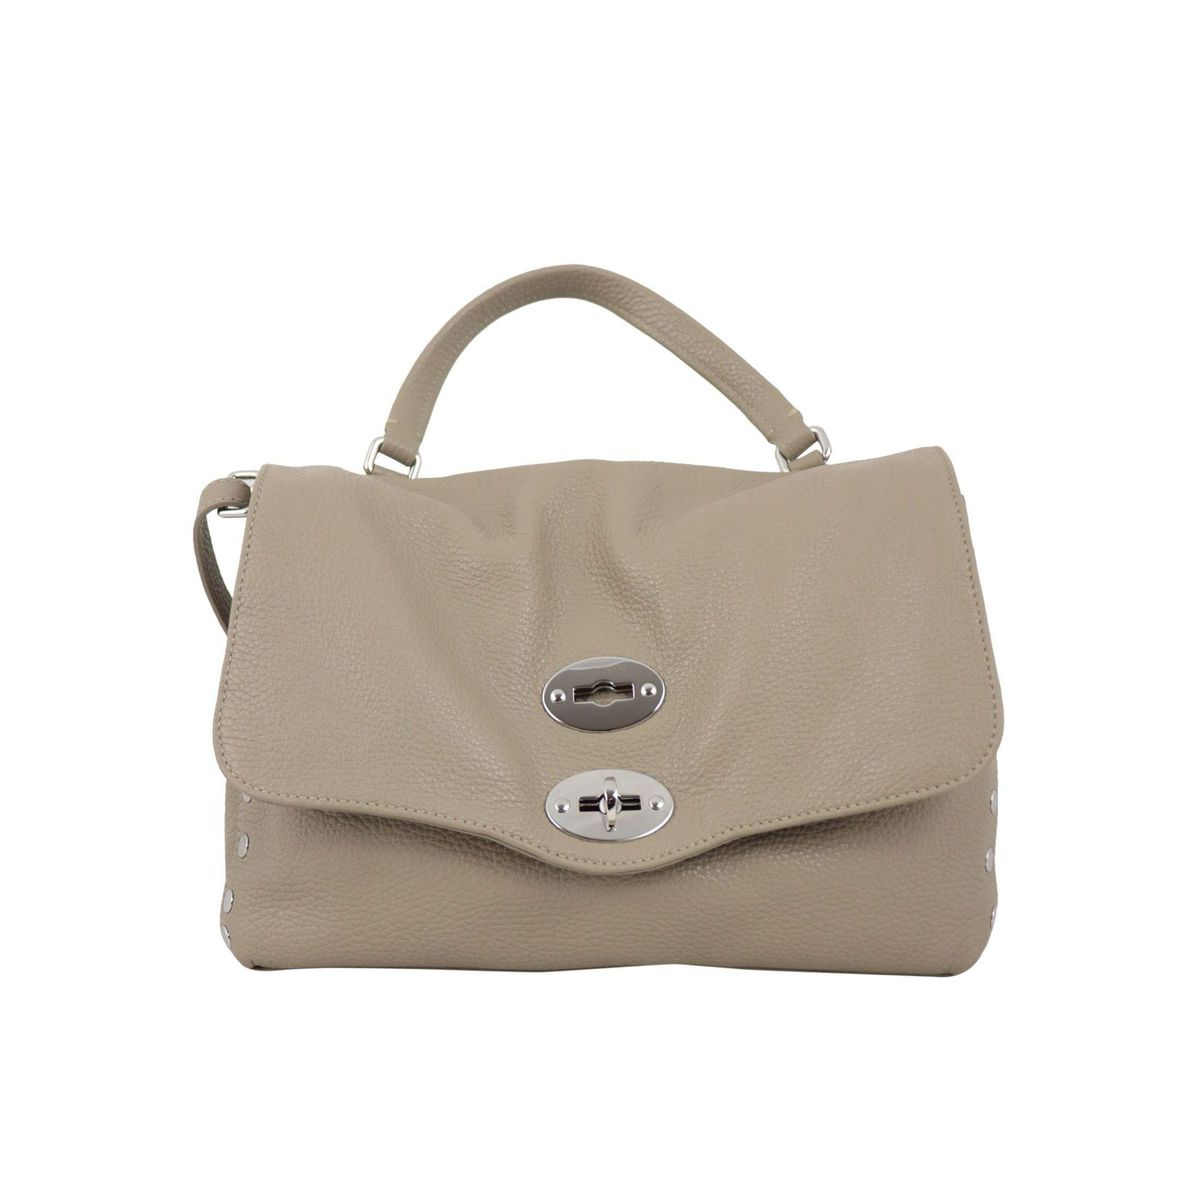 Postina S Daily bag in grained leather Crete Zanellato